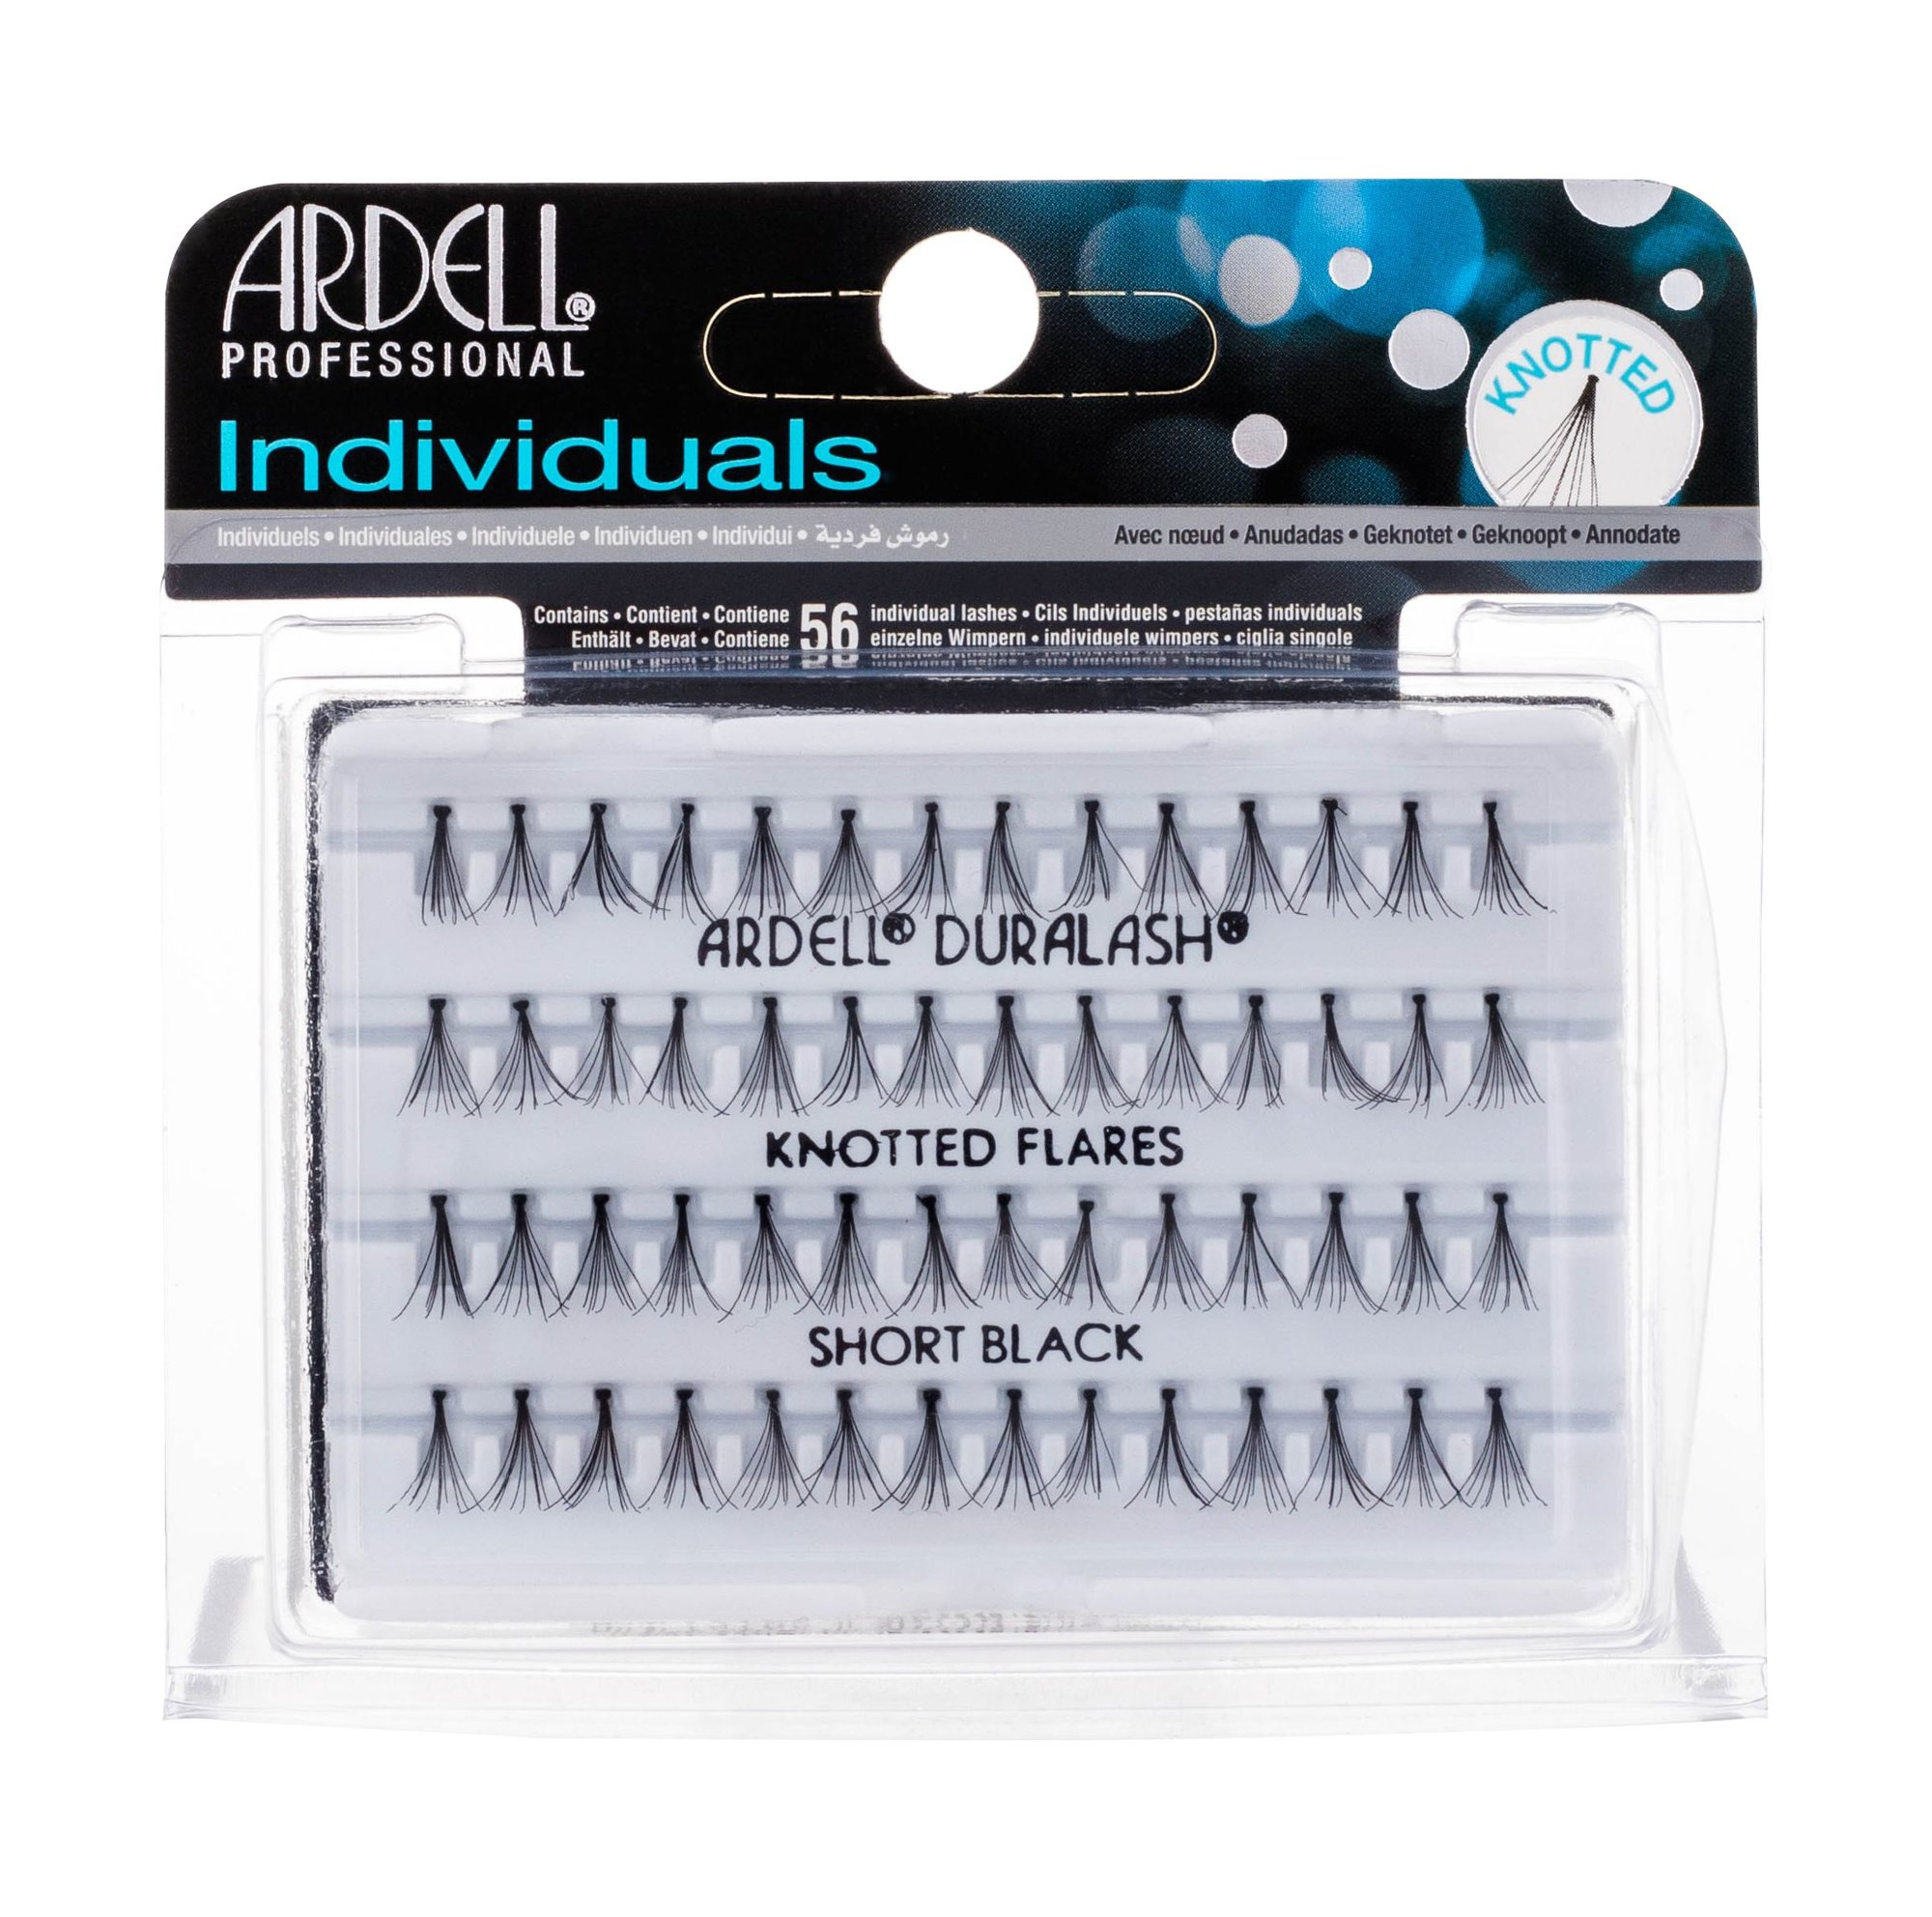 Ardell Individuals False Eyelashes 56ml Short Black Duralash Knotted Flares